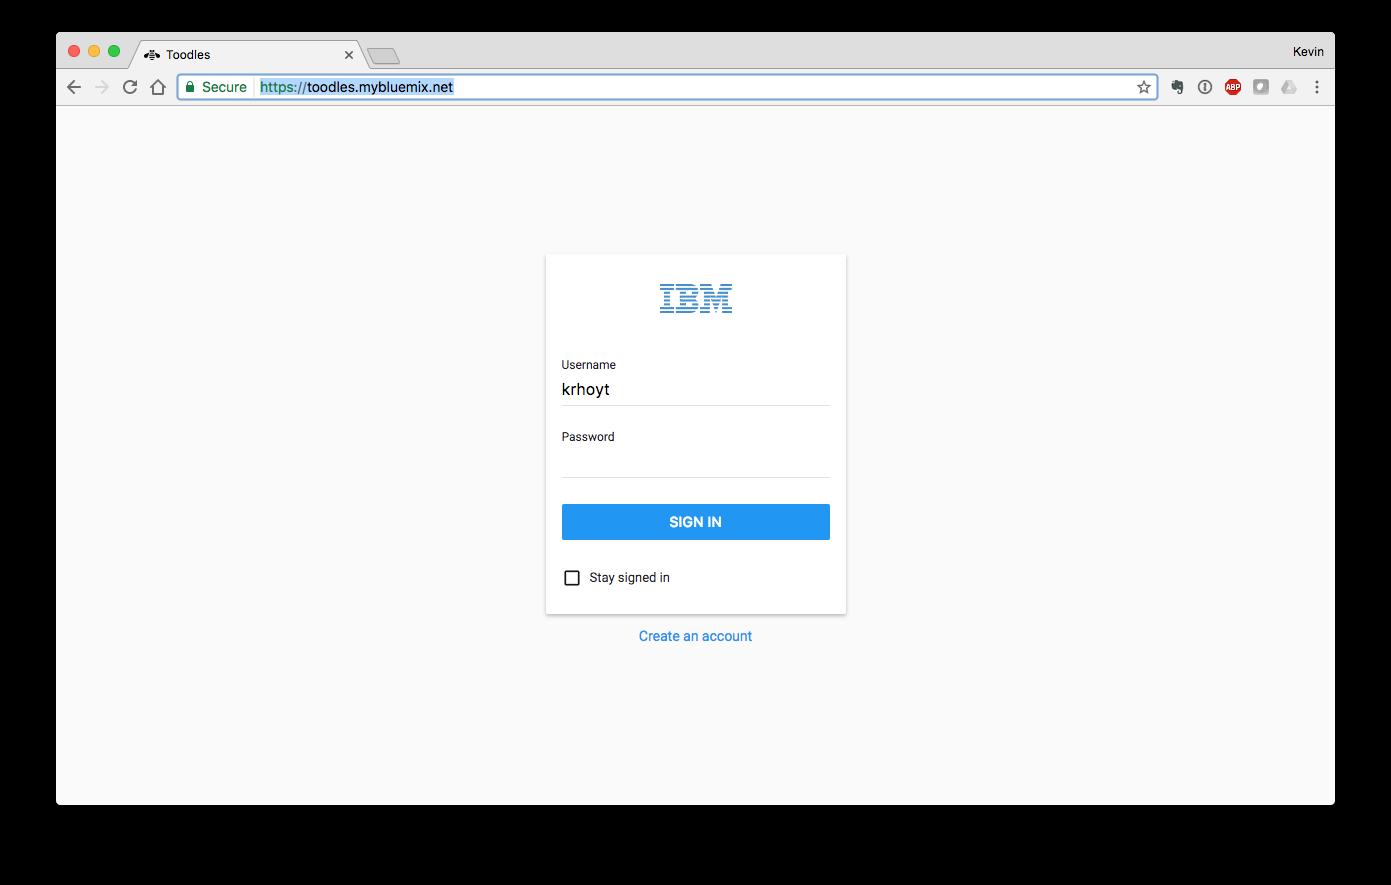 To-do login screen